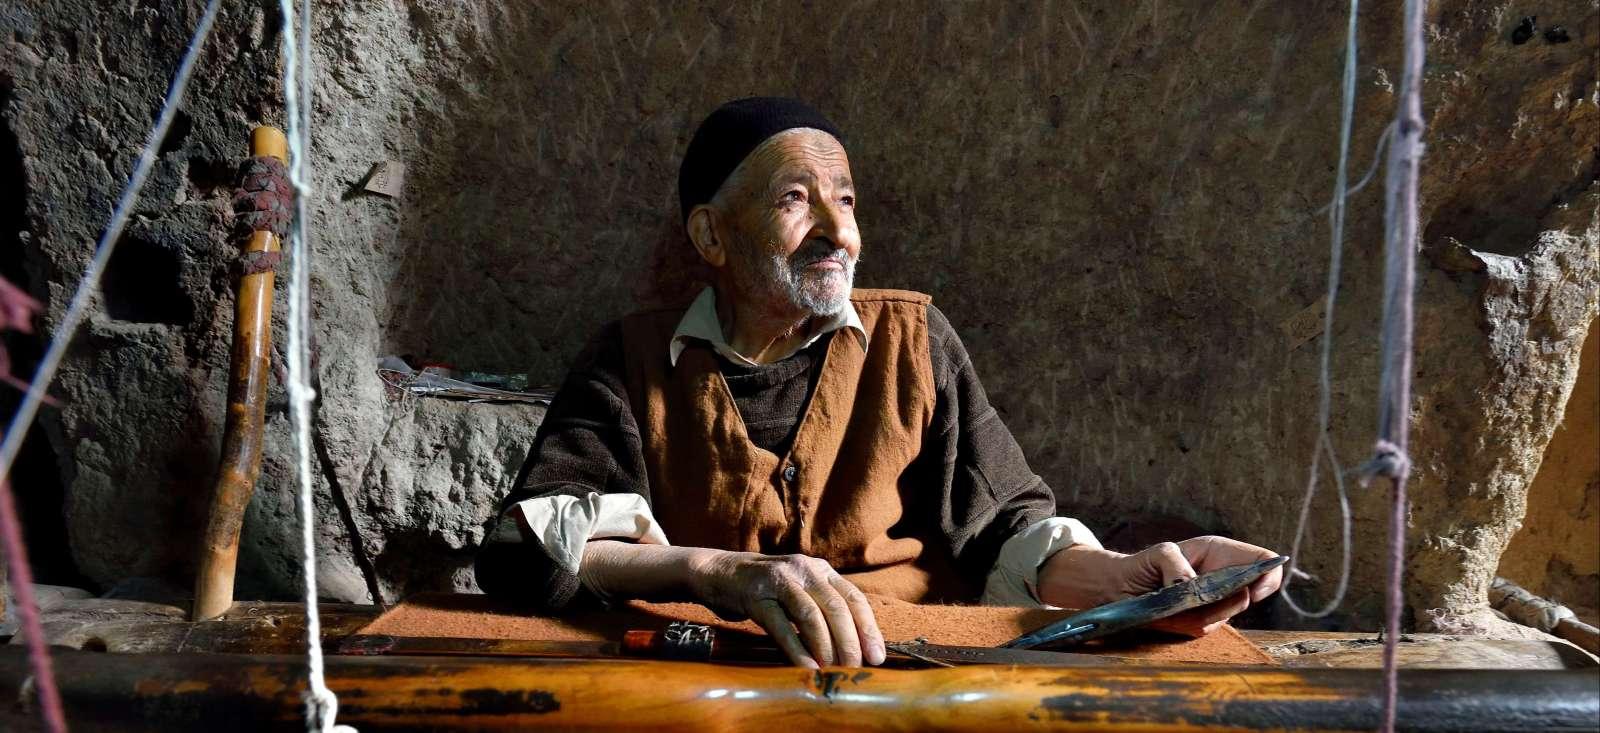 Voyage à pied : Il était une fois une cité iranienne!